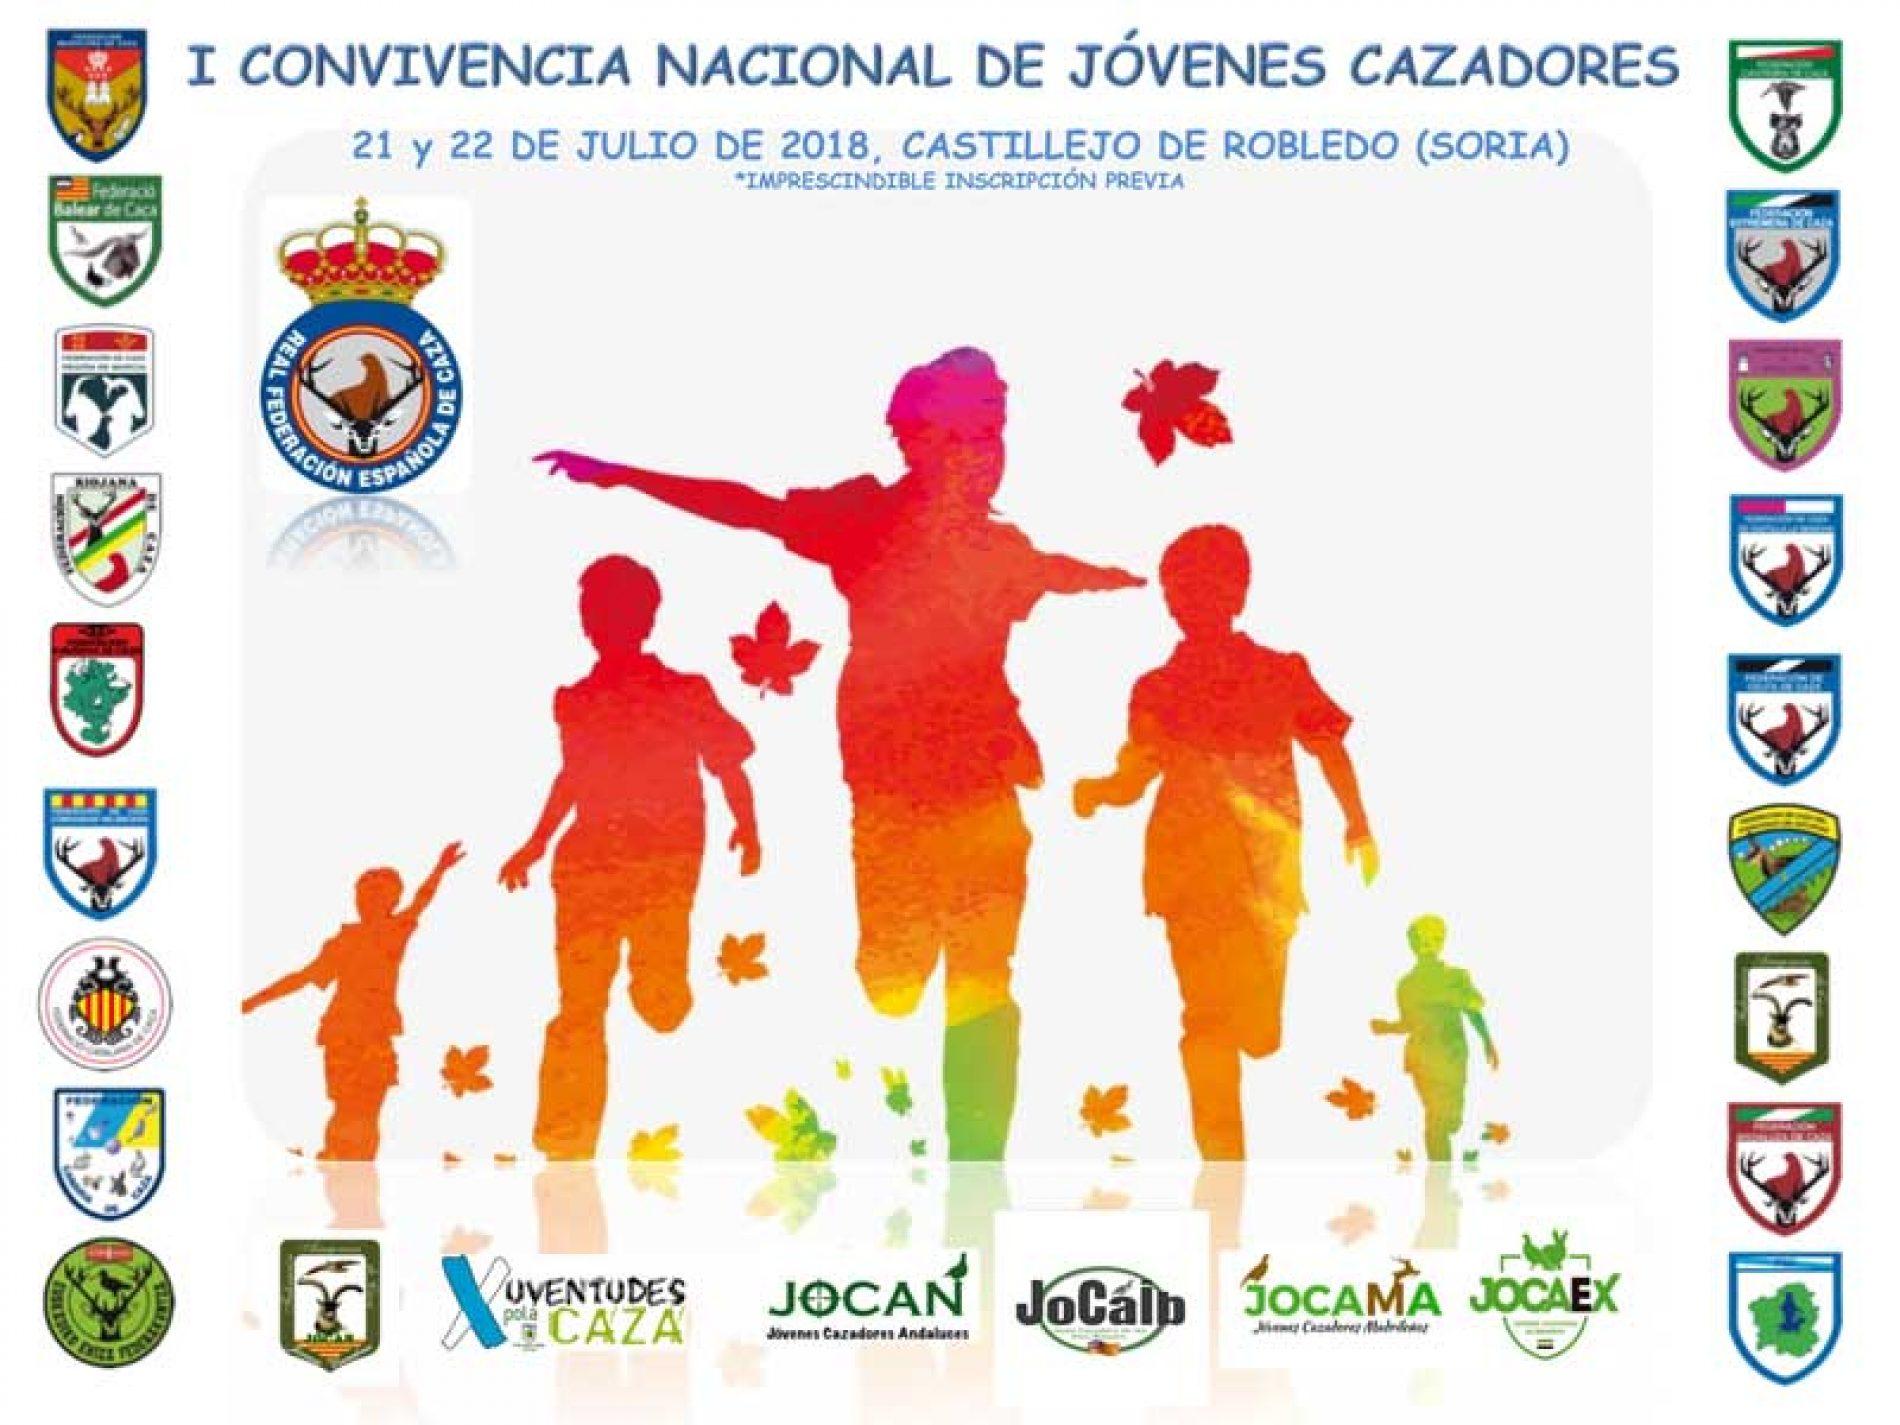 I Convivencia Nacional de Jóvenes Cazadores